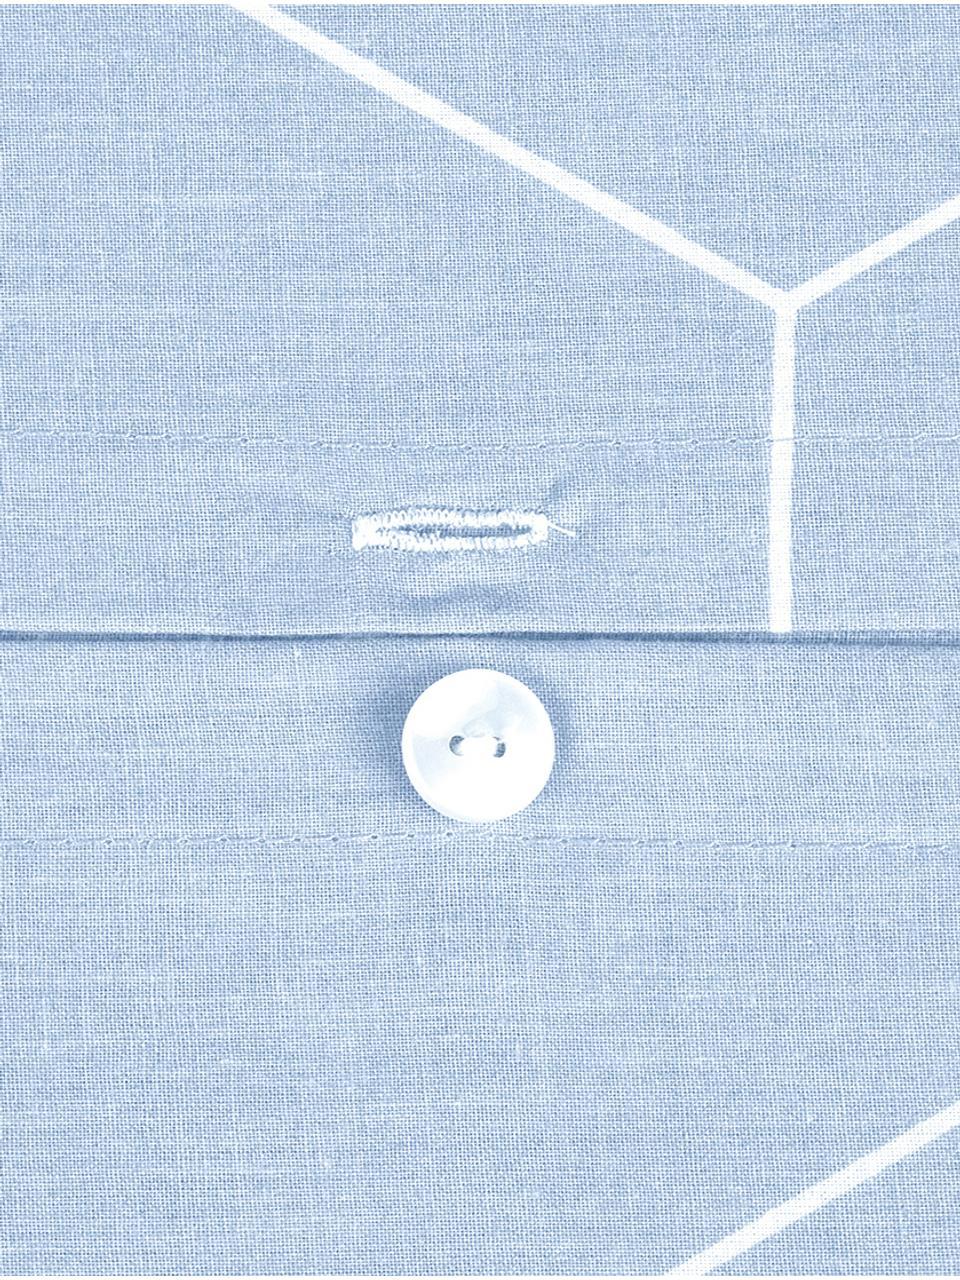 Baumwoll-Kissenbezüge Lynn mit grafischem Muster, 2 Stück, Webart: Renforcé Fadendichte 144 , Hellblau, Cremeweiß, 40 x 80 cm